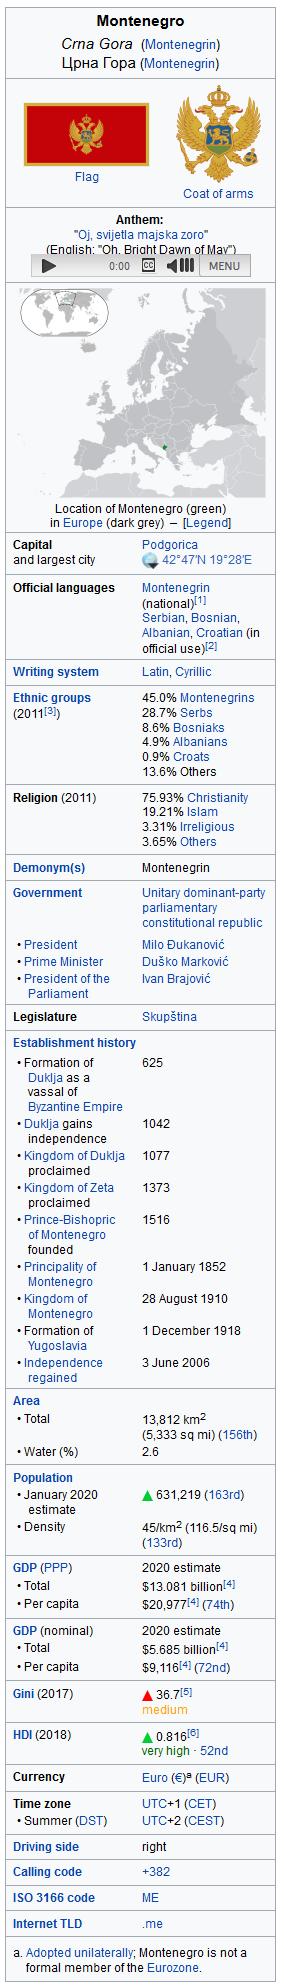 Screenshot_2020-05-06 Montenegro - Wikip